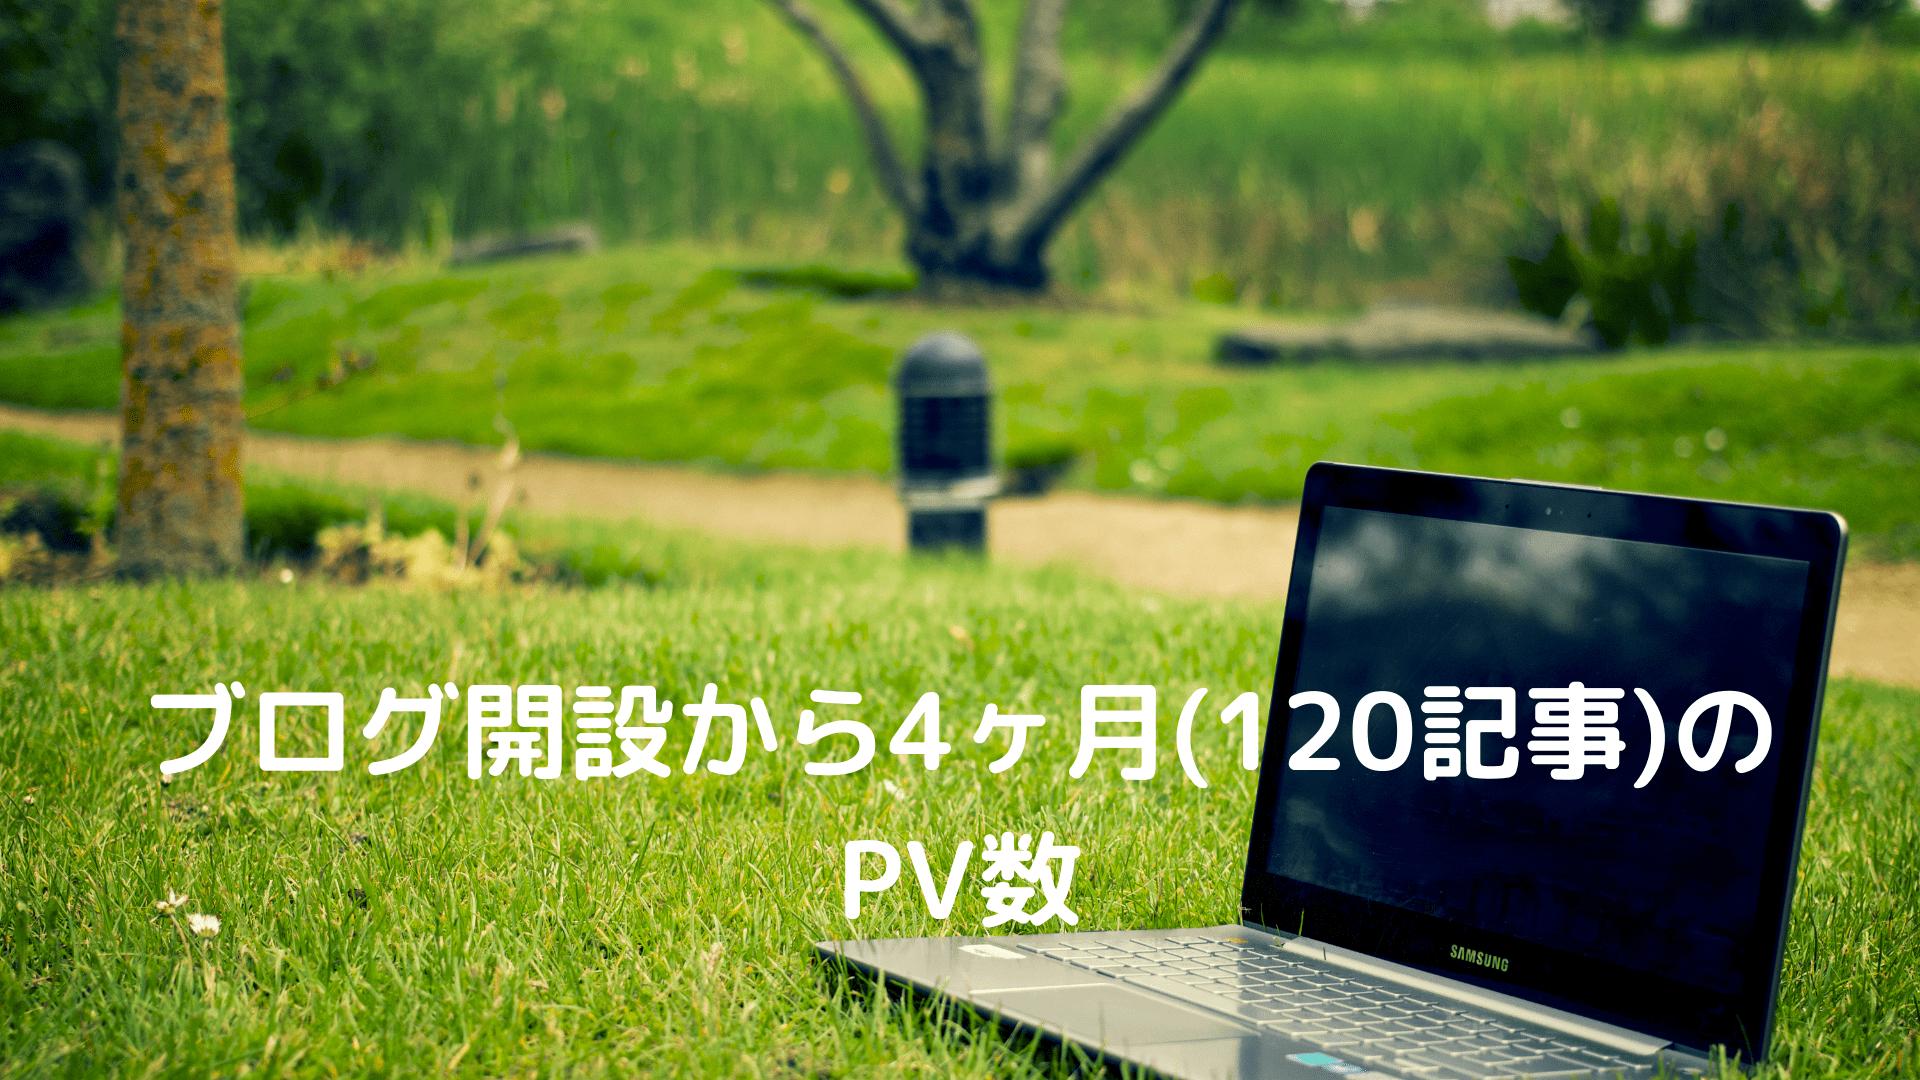 ブログ開設から4ヶ月(120記事)の PV数